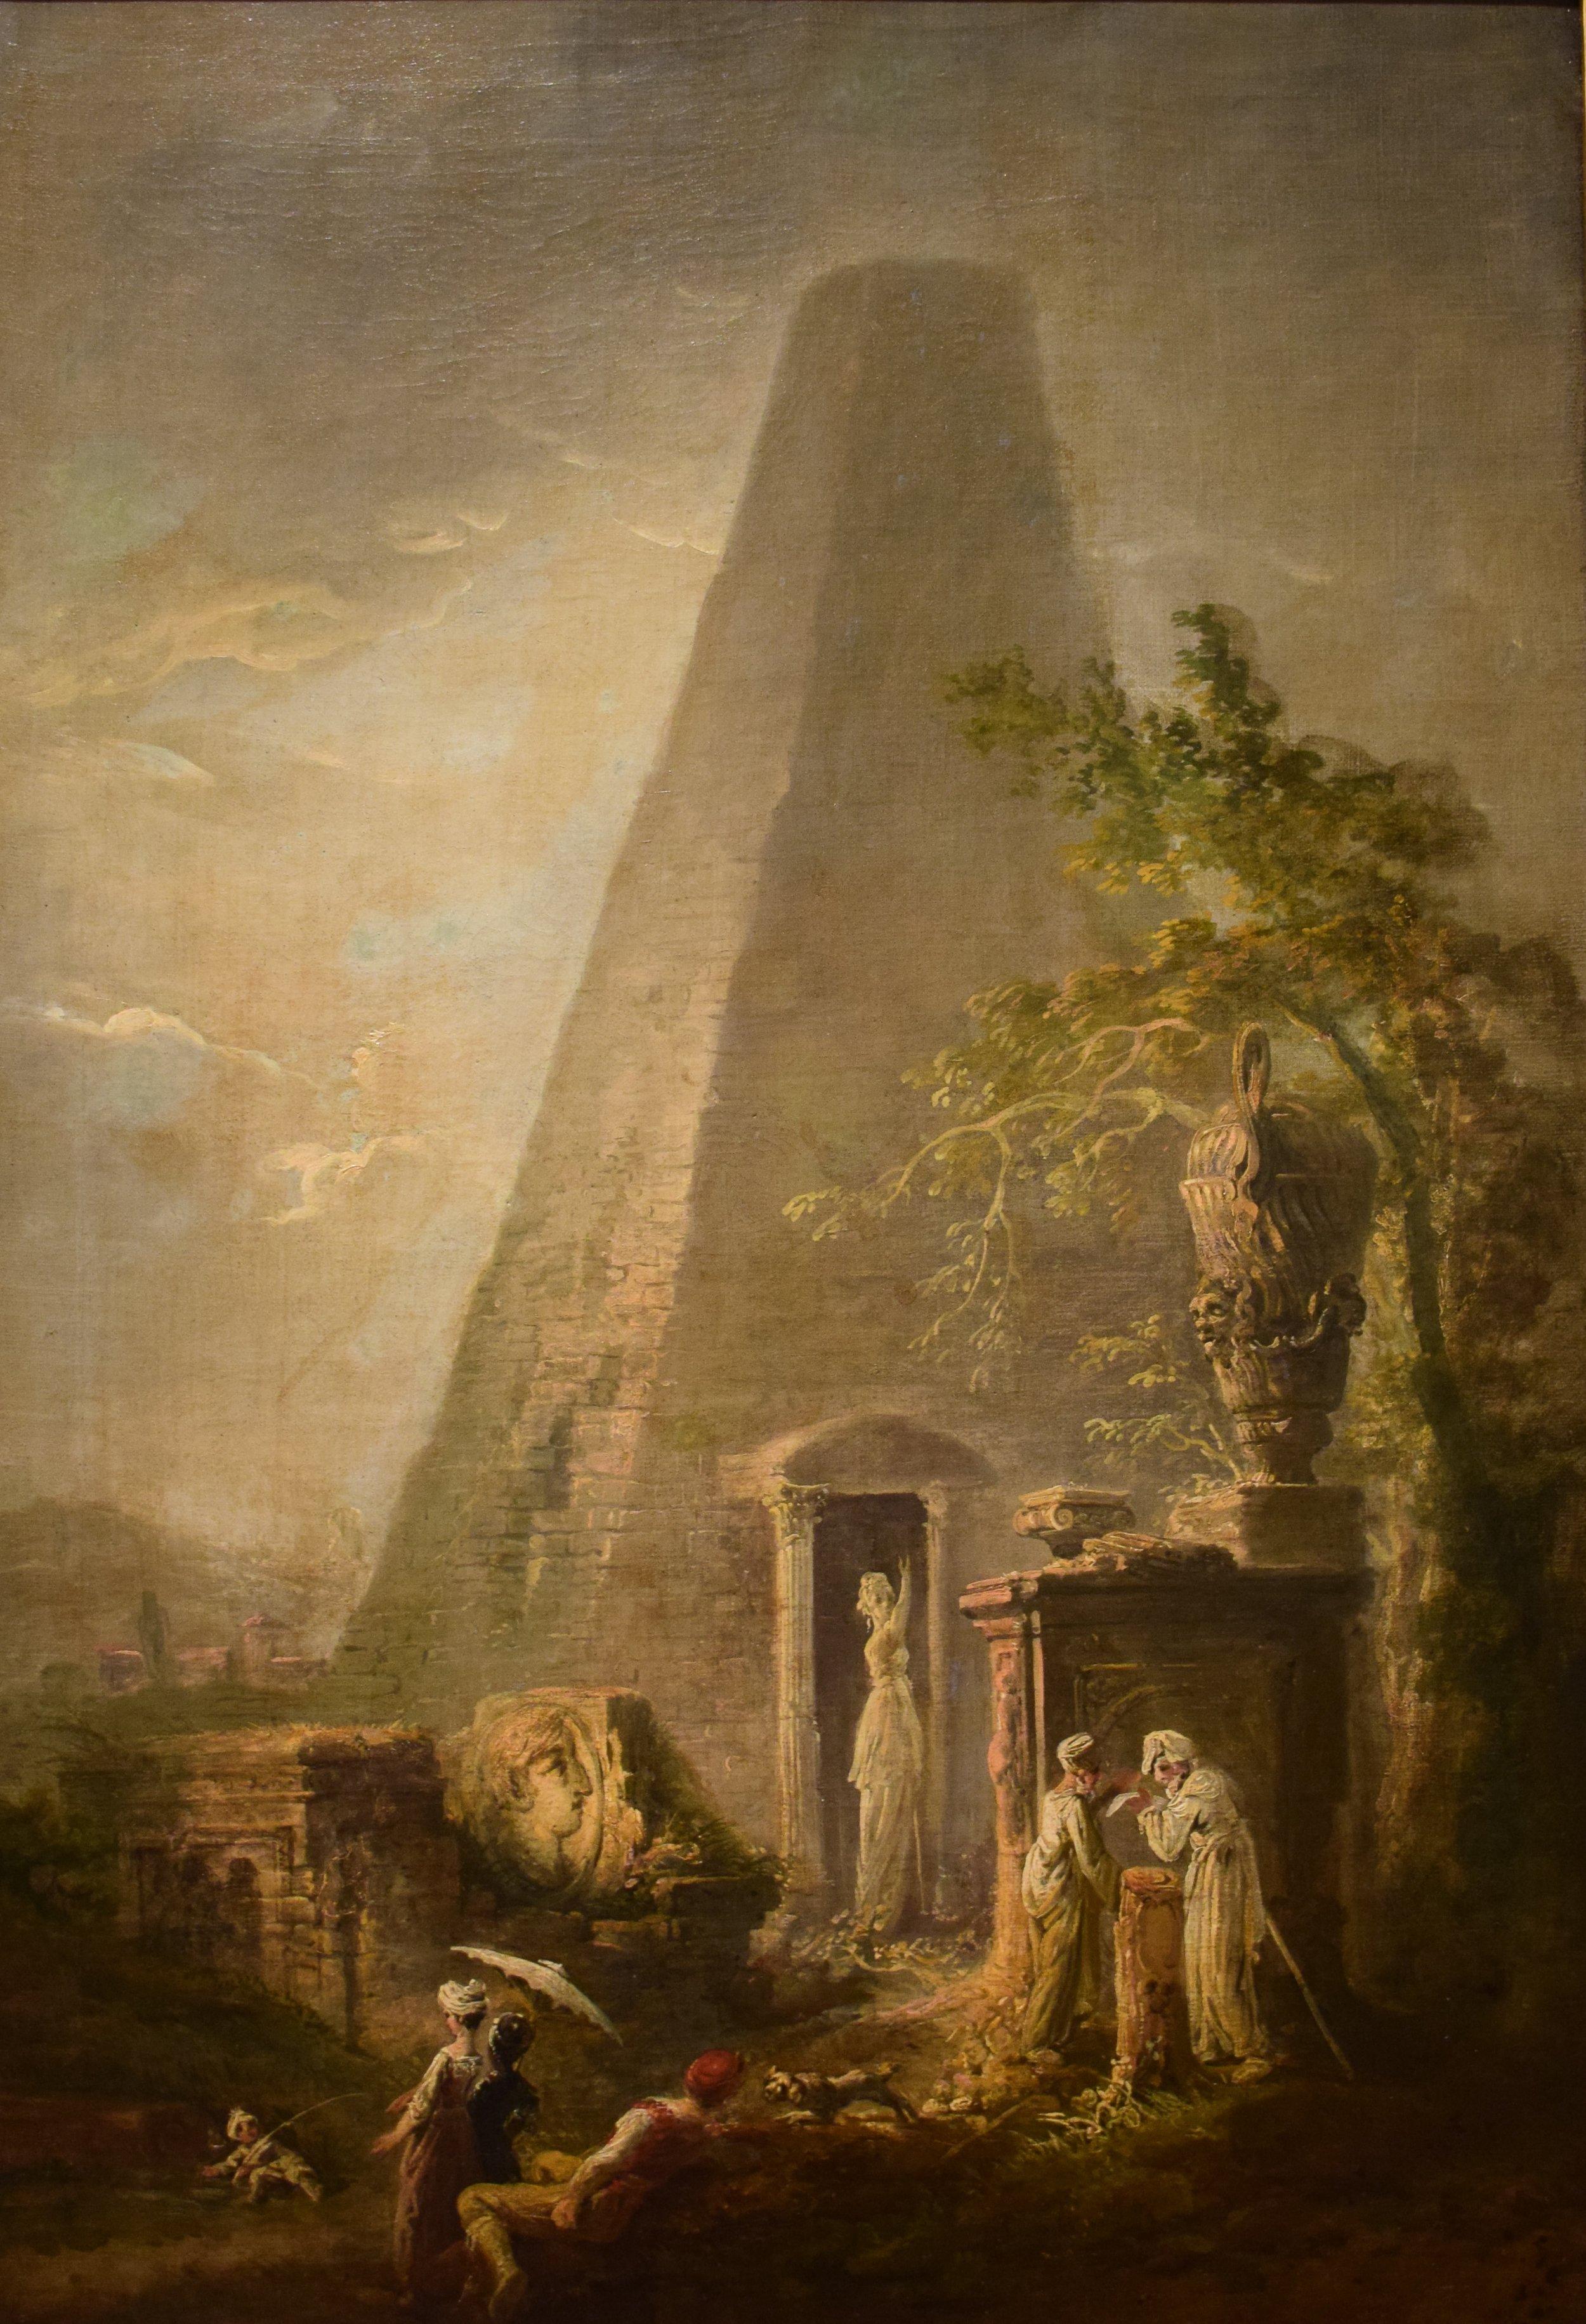 Elias Martin, Landskap med pyramid och figurer (Landscape with Pyramid and Figures)